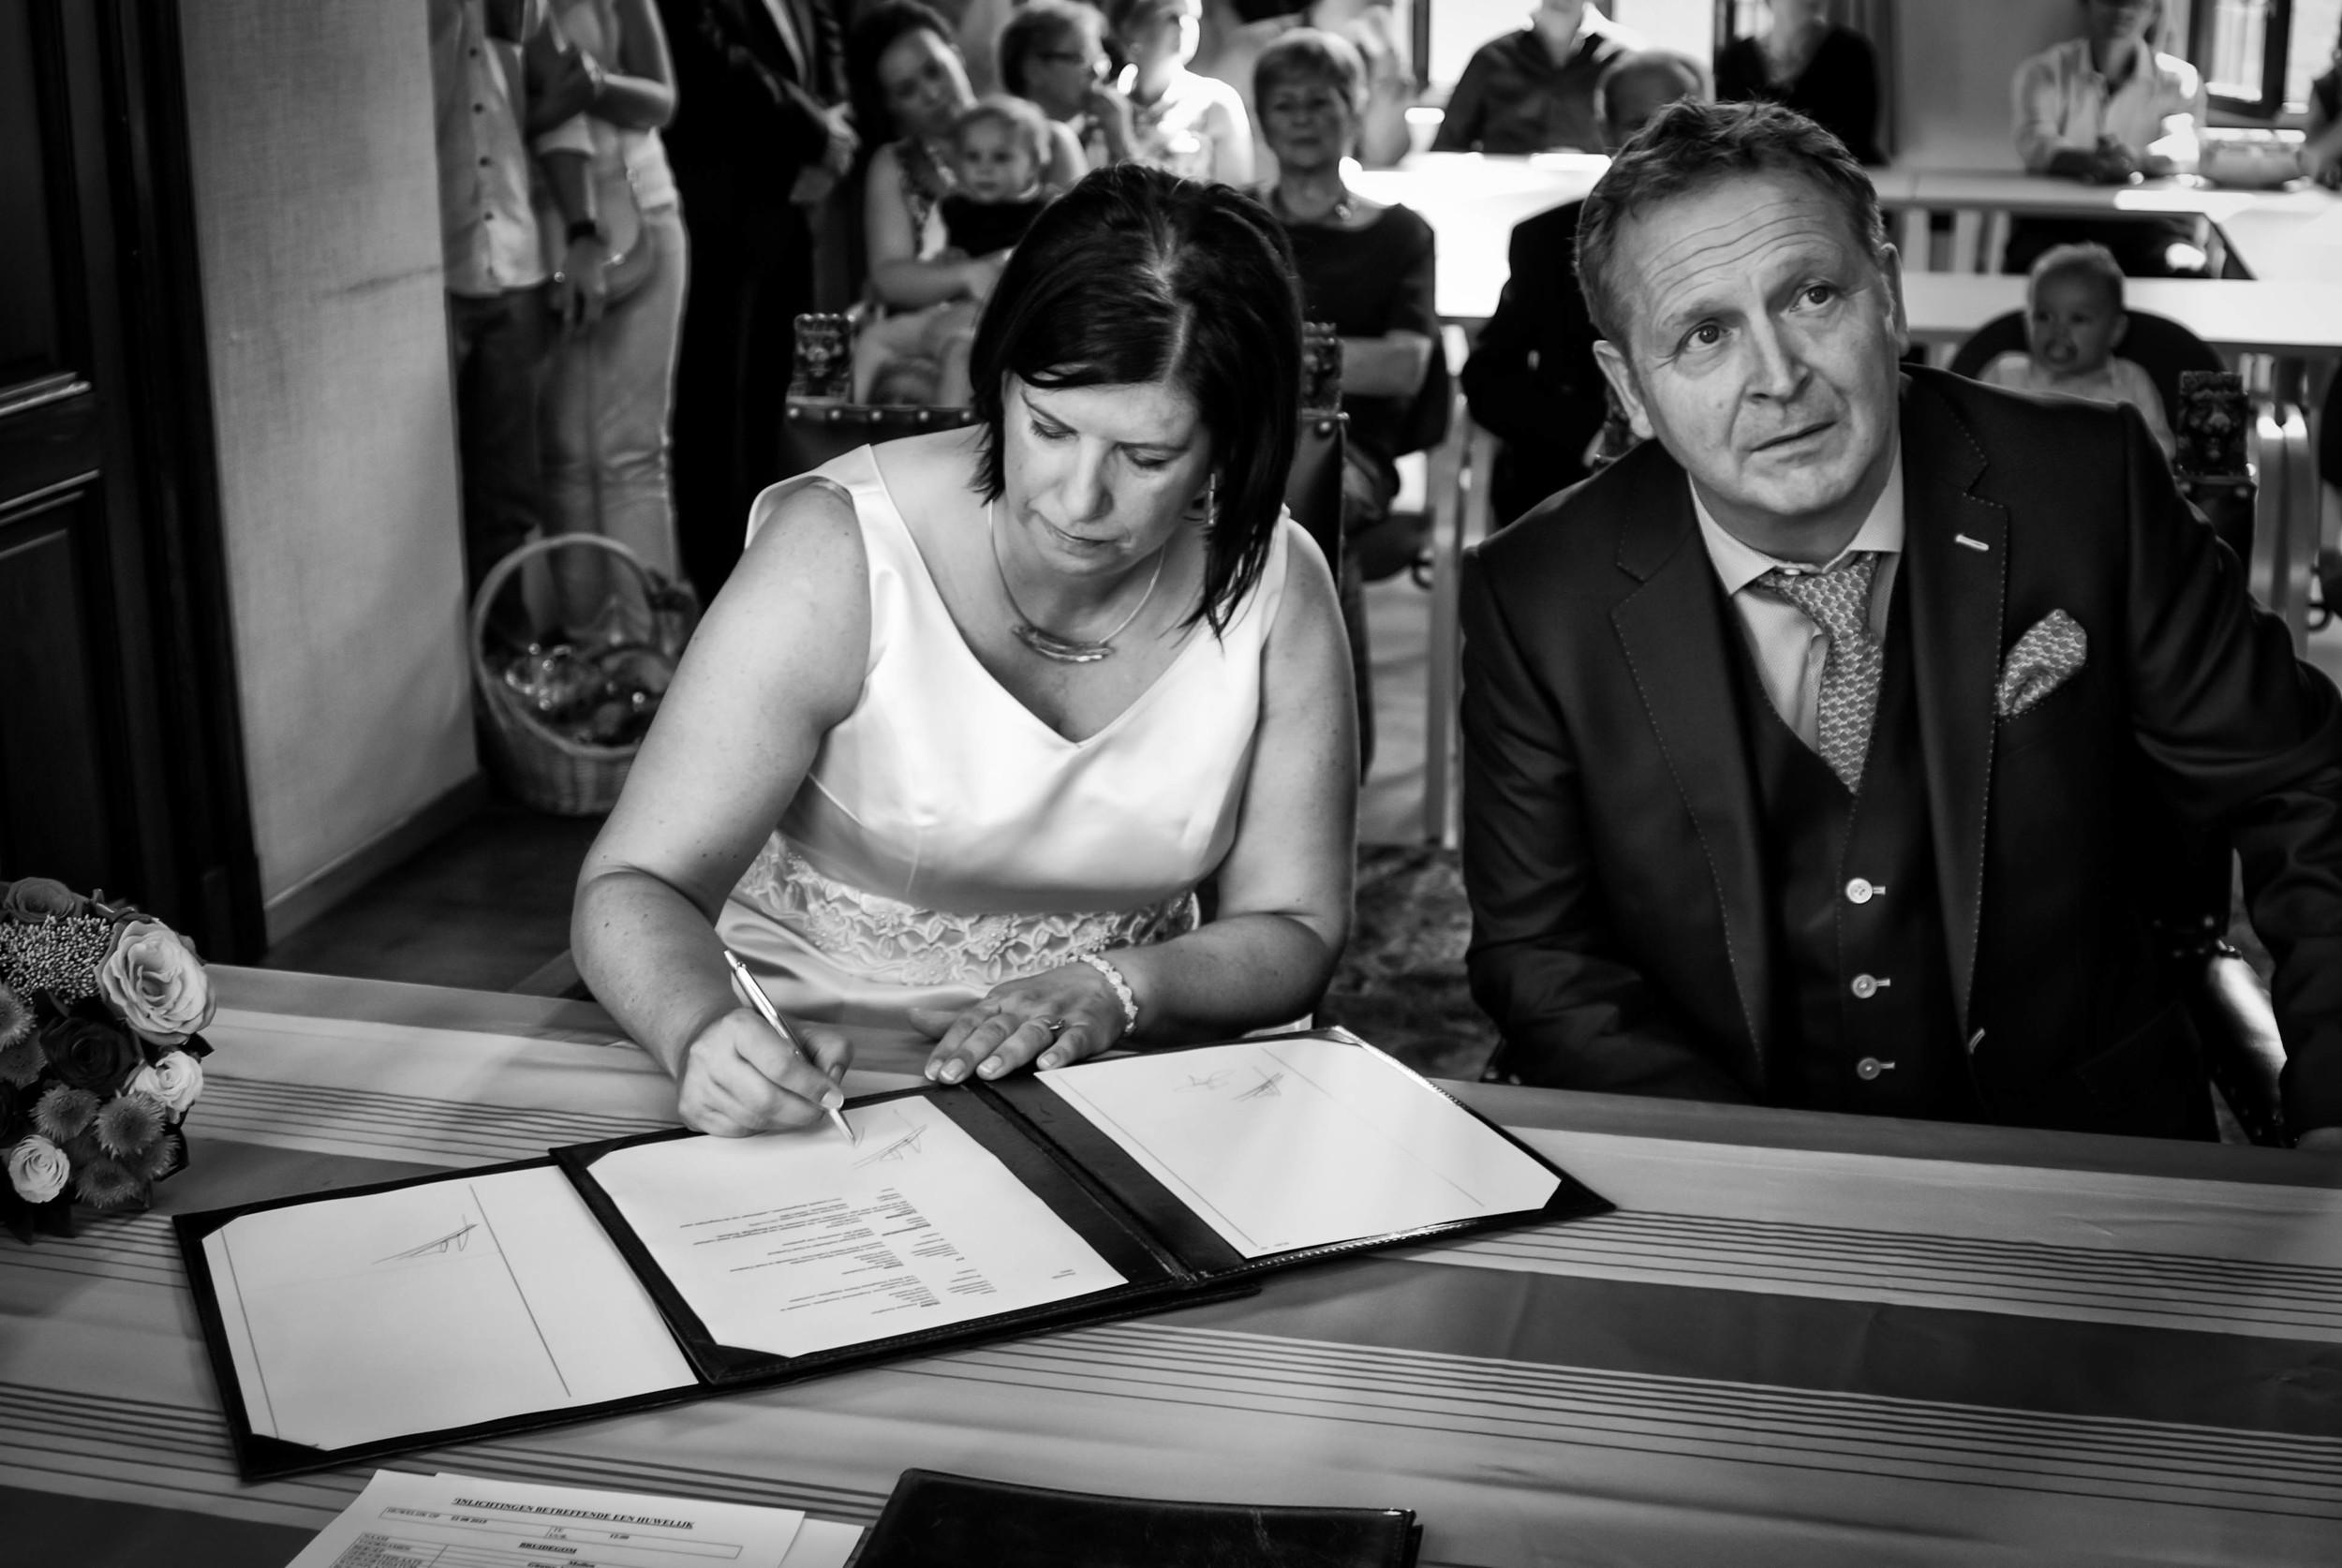 Viewfinder_huwelijksfotografie_huwelijksreportage_7_snelle_tips_gemeentehuis_tekenen_bruid.jpg